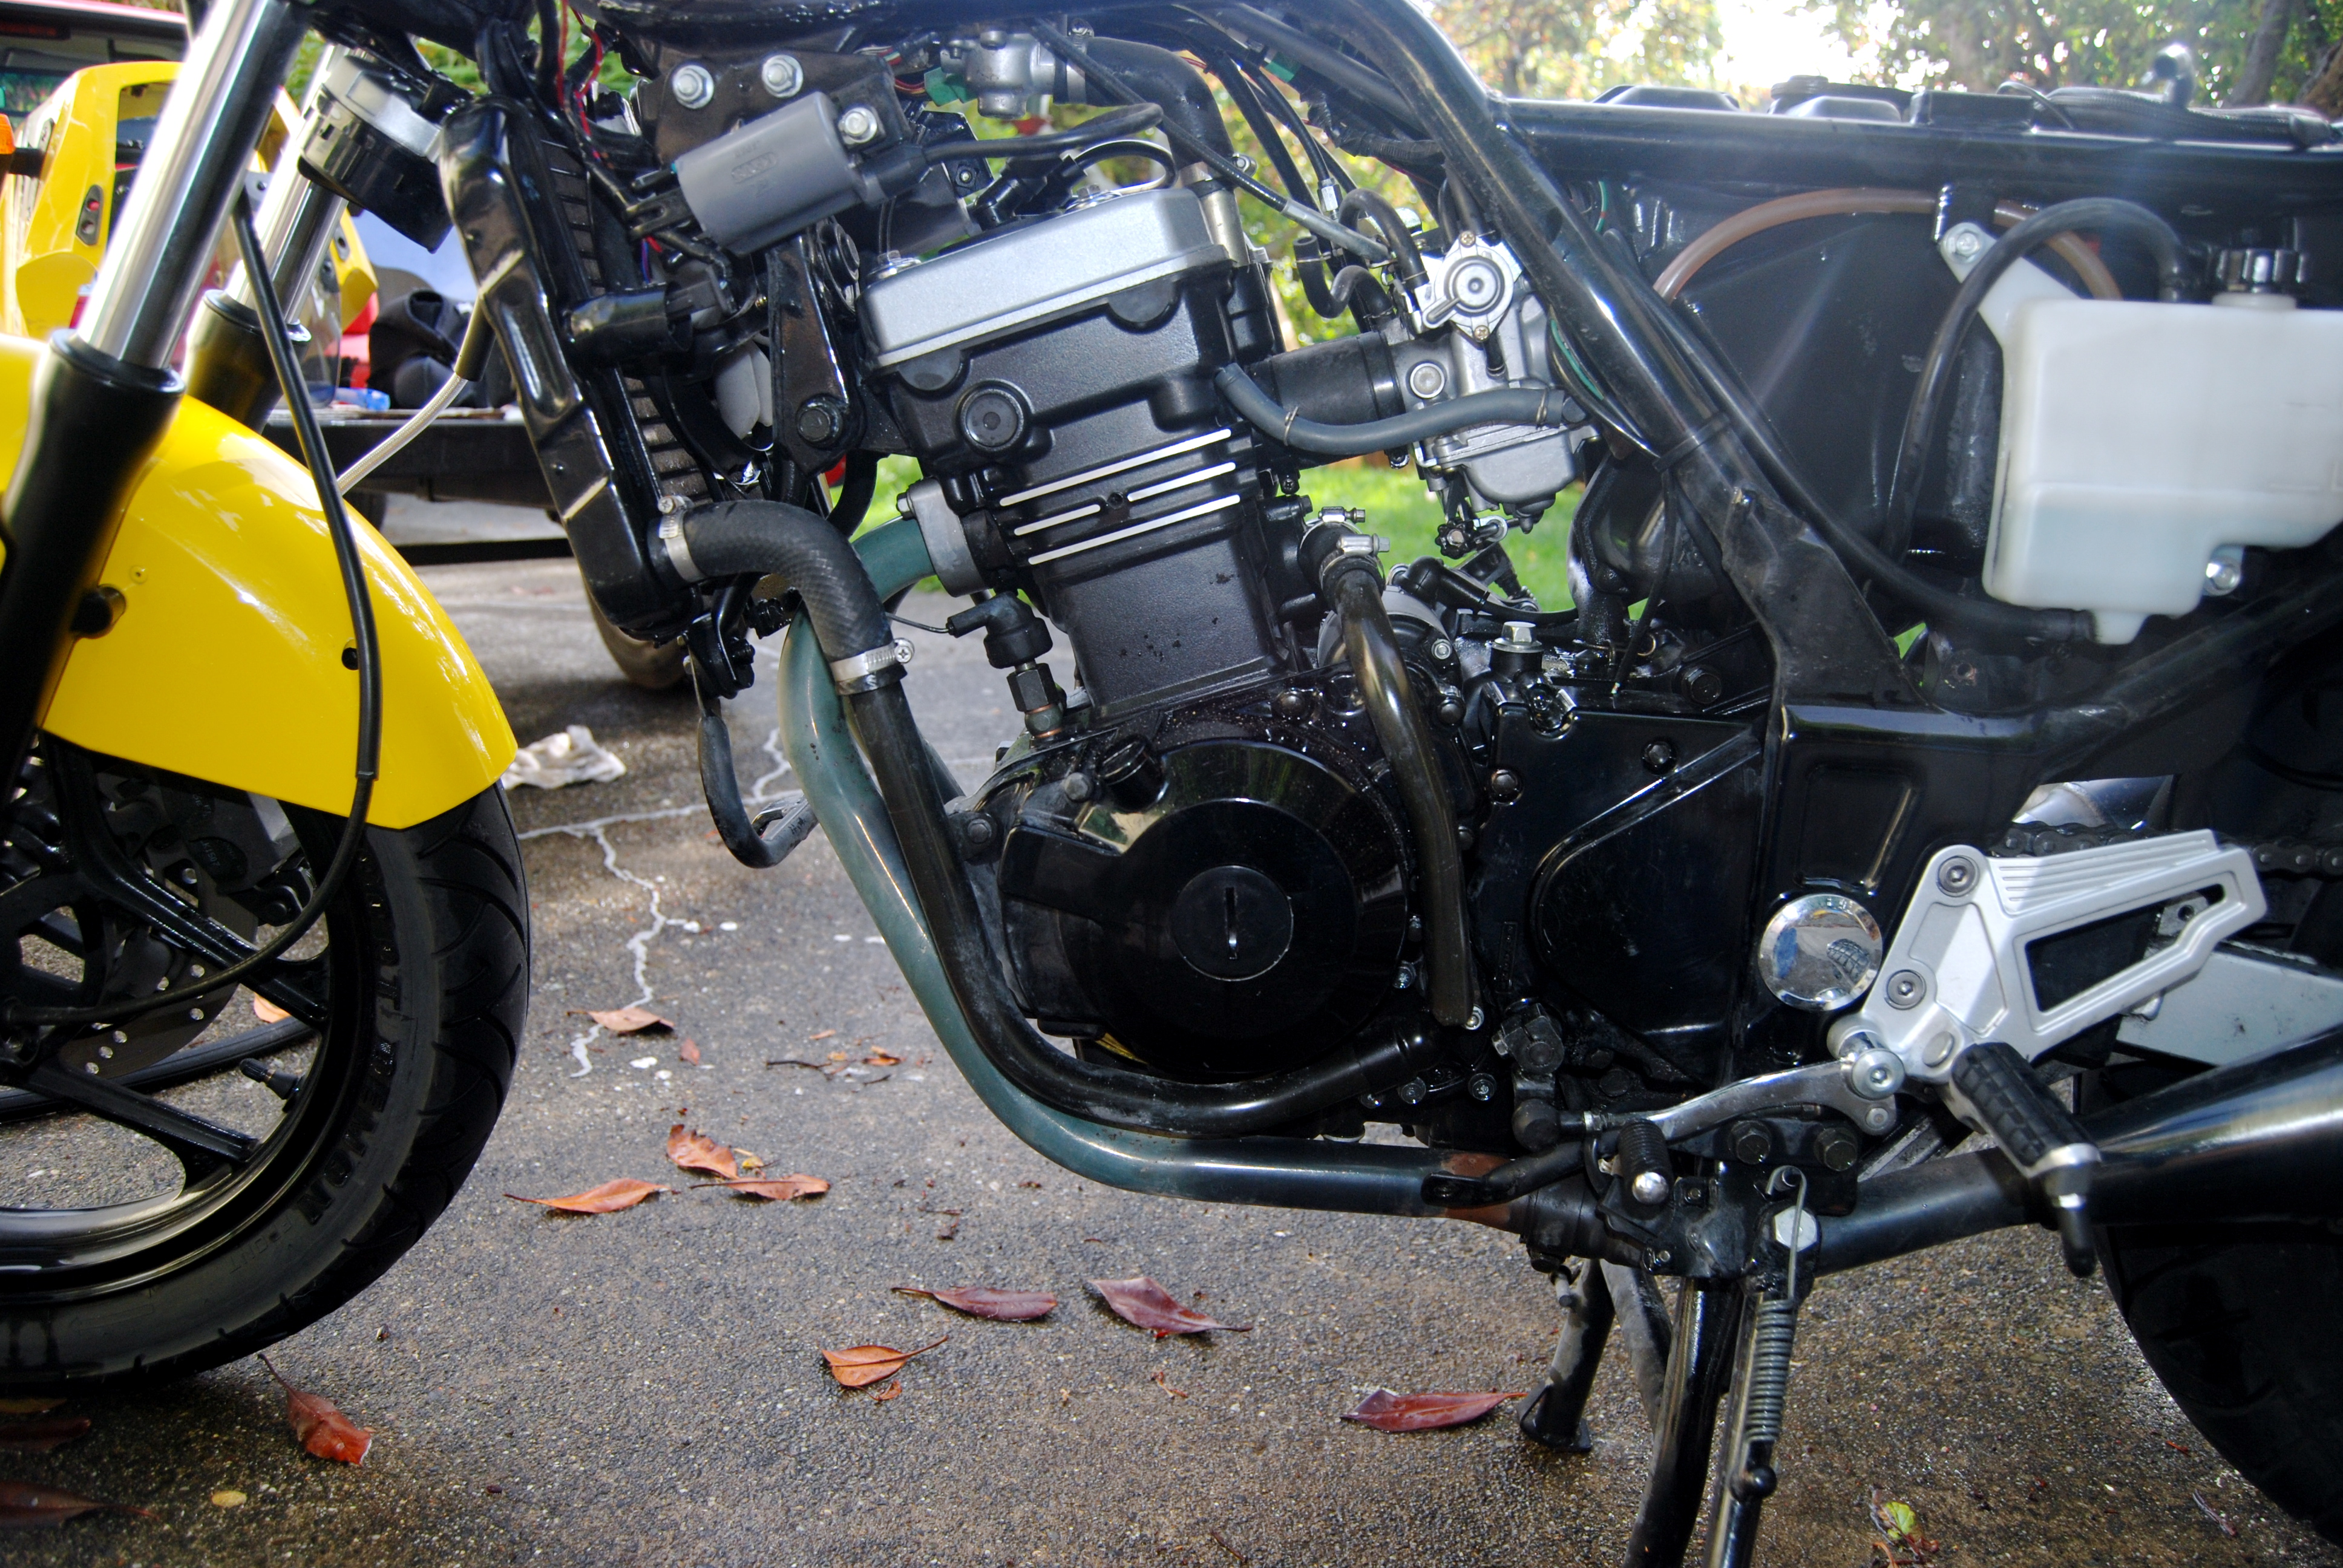 File:2004 Kawasaki Ninja 250 engine 6.jpg - Wikimedia Commons